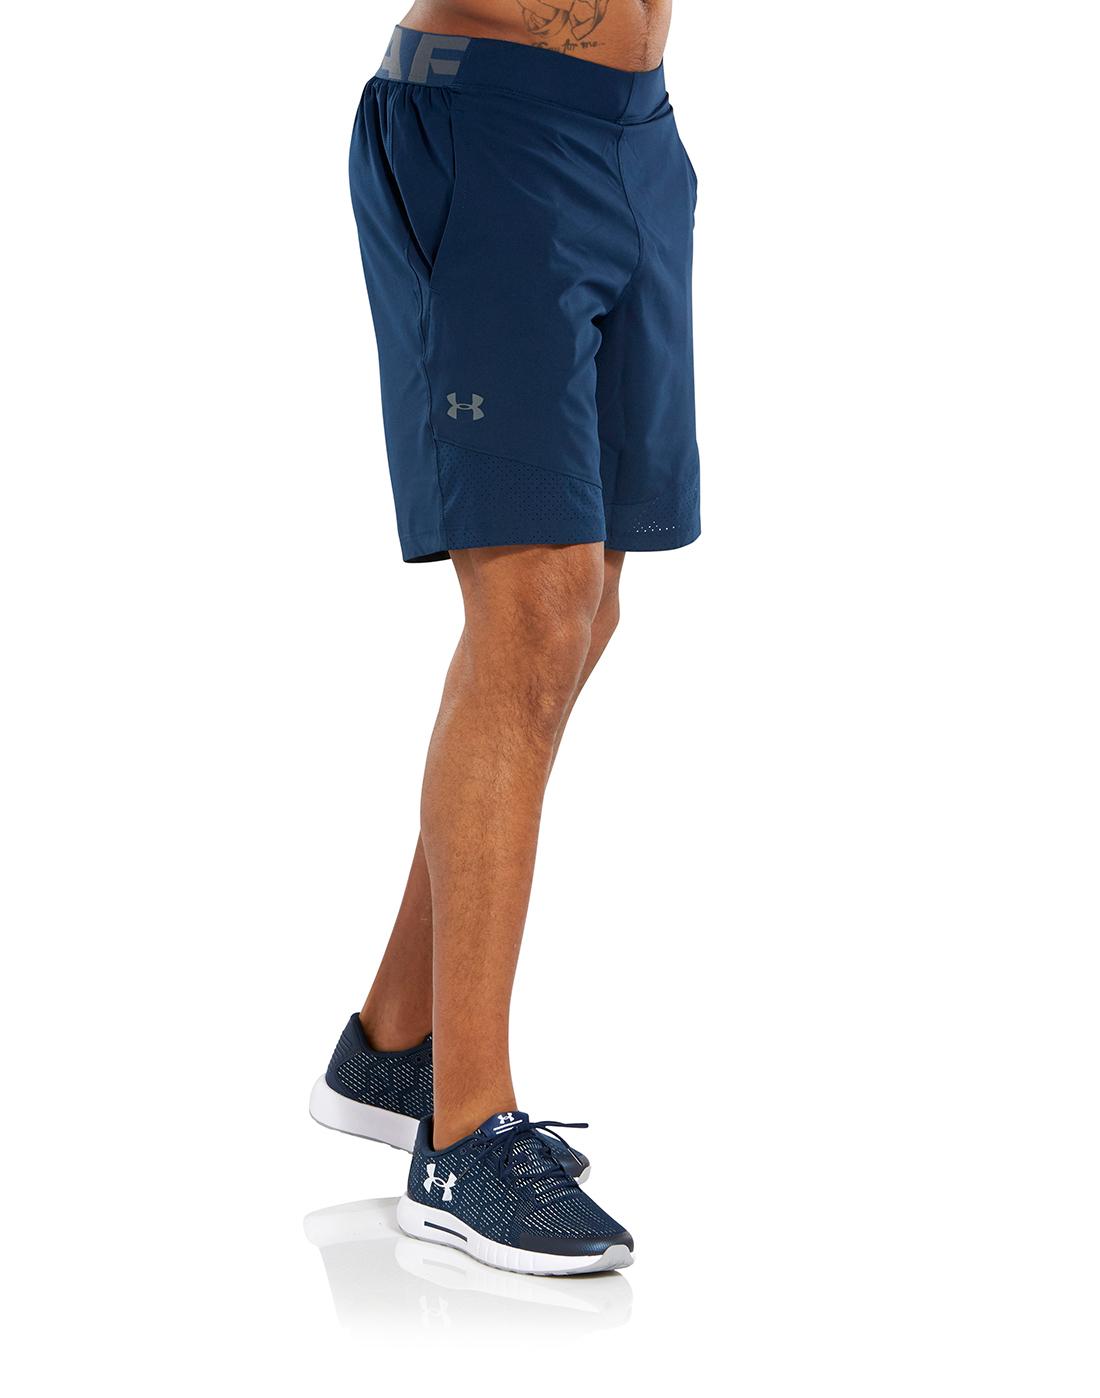 587e1e41fb1ec Men's Navy Under Armour Woven Gym Shorts   Life Style Sports